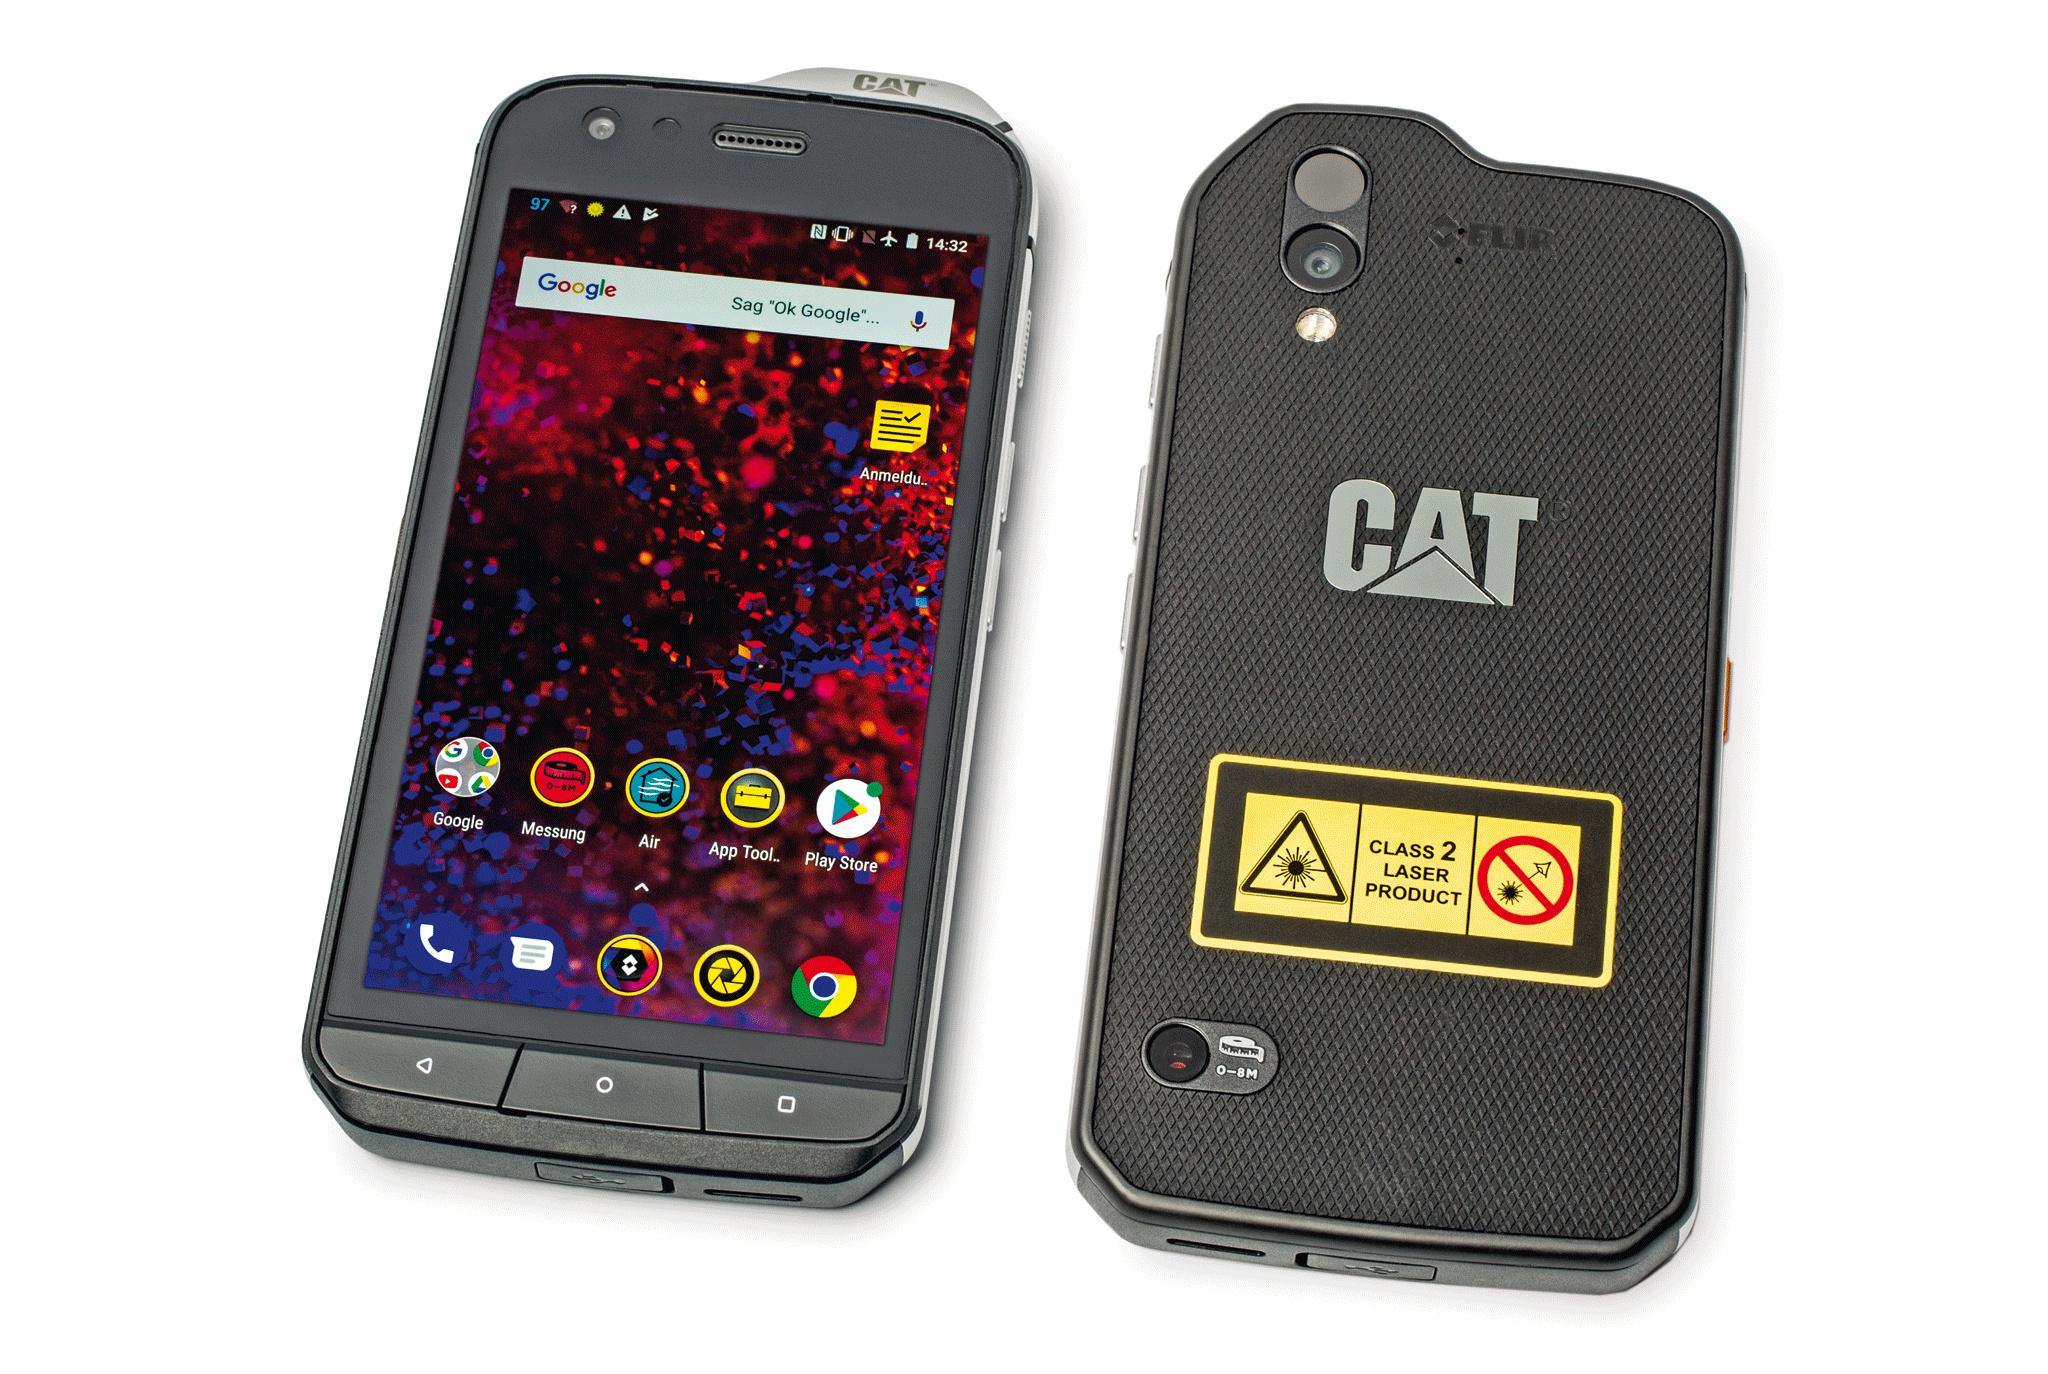 Entfernungsmessung Mit Handy : Outdoor smartphone cat s mit wärmebildkamera c t magazin